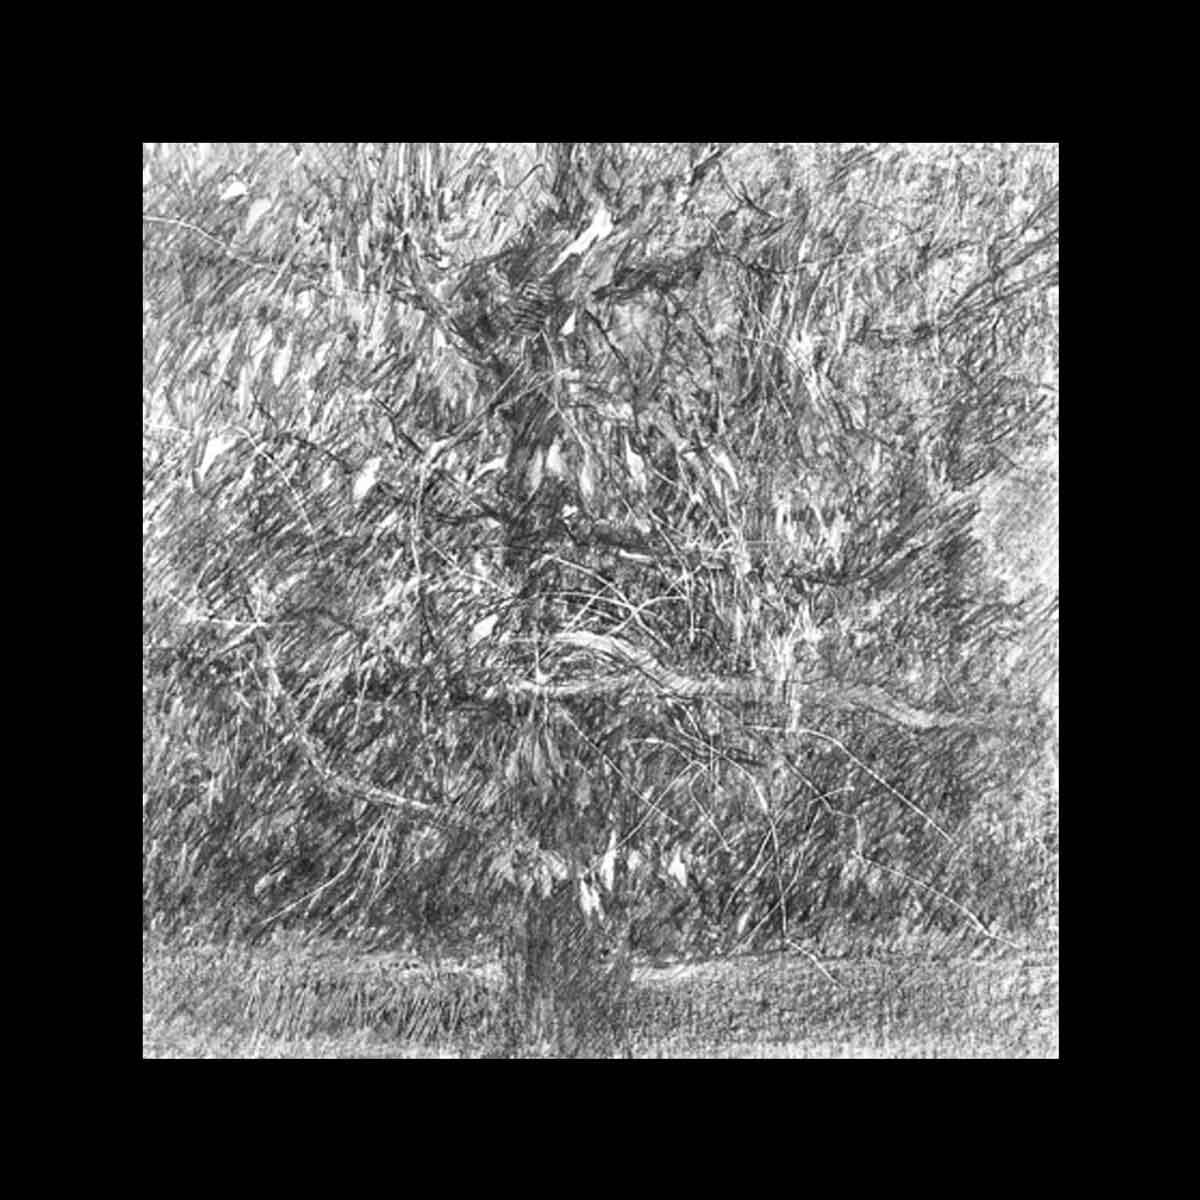 Michel Houssin, Dessin à la mine de plomb de la Série des Broderezh, 2017. Encadré, verre musée anti-UV, 30 x 30 cm